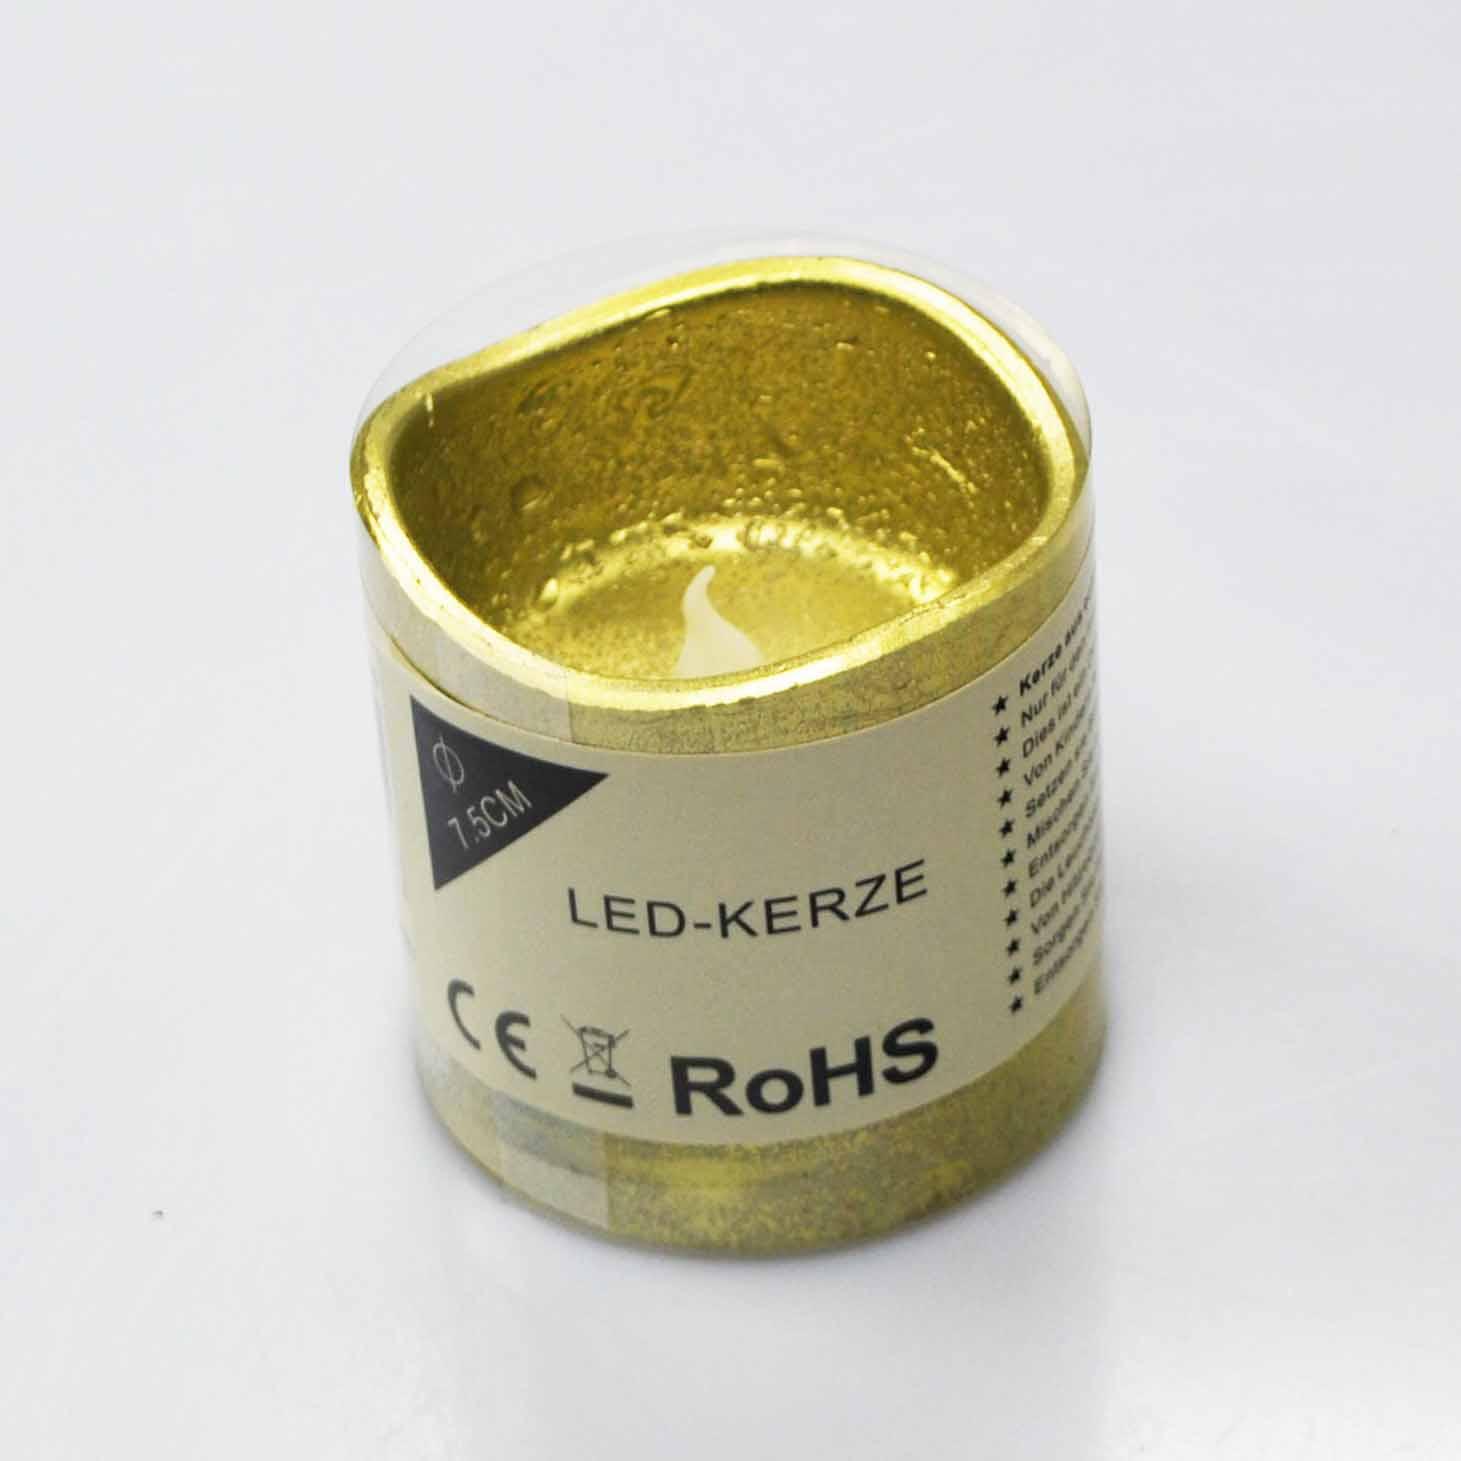 led kerze aus wachs gold batteriebetrieb in verschiedenen gr en g nstig kaufen. Black Bedroom Furniture Sets. Home Design Ideas